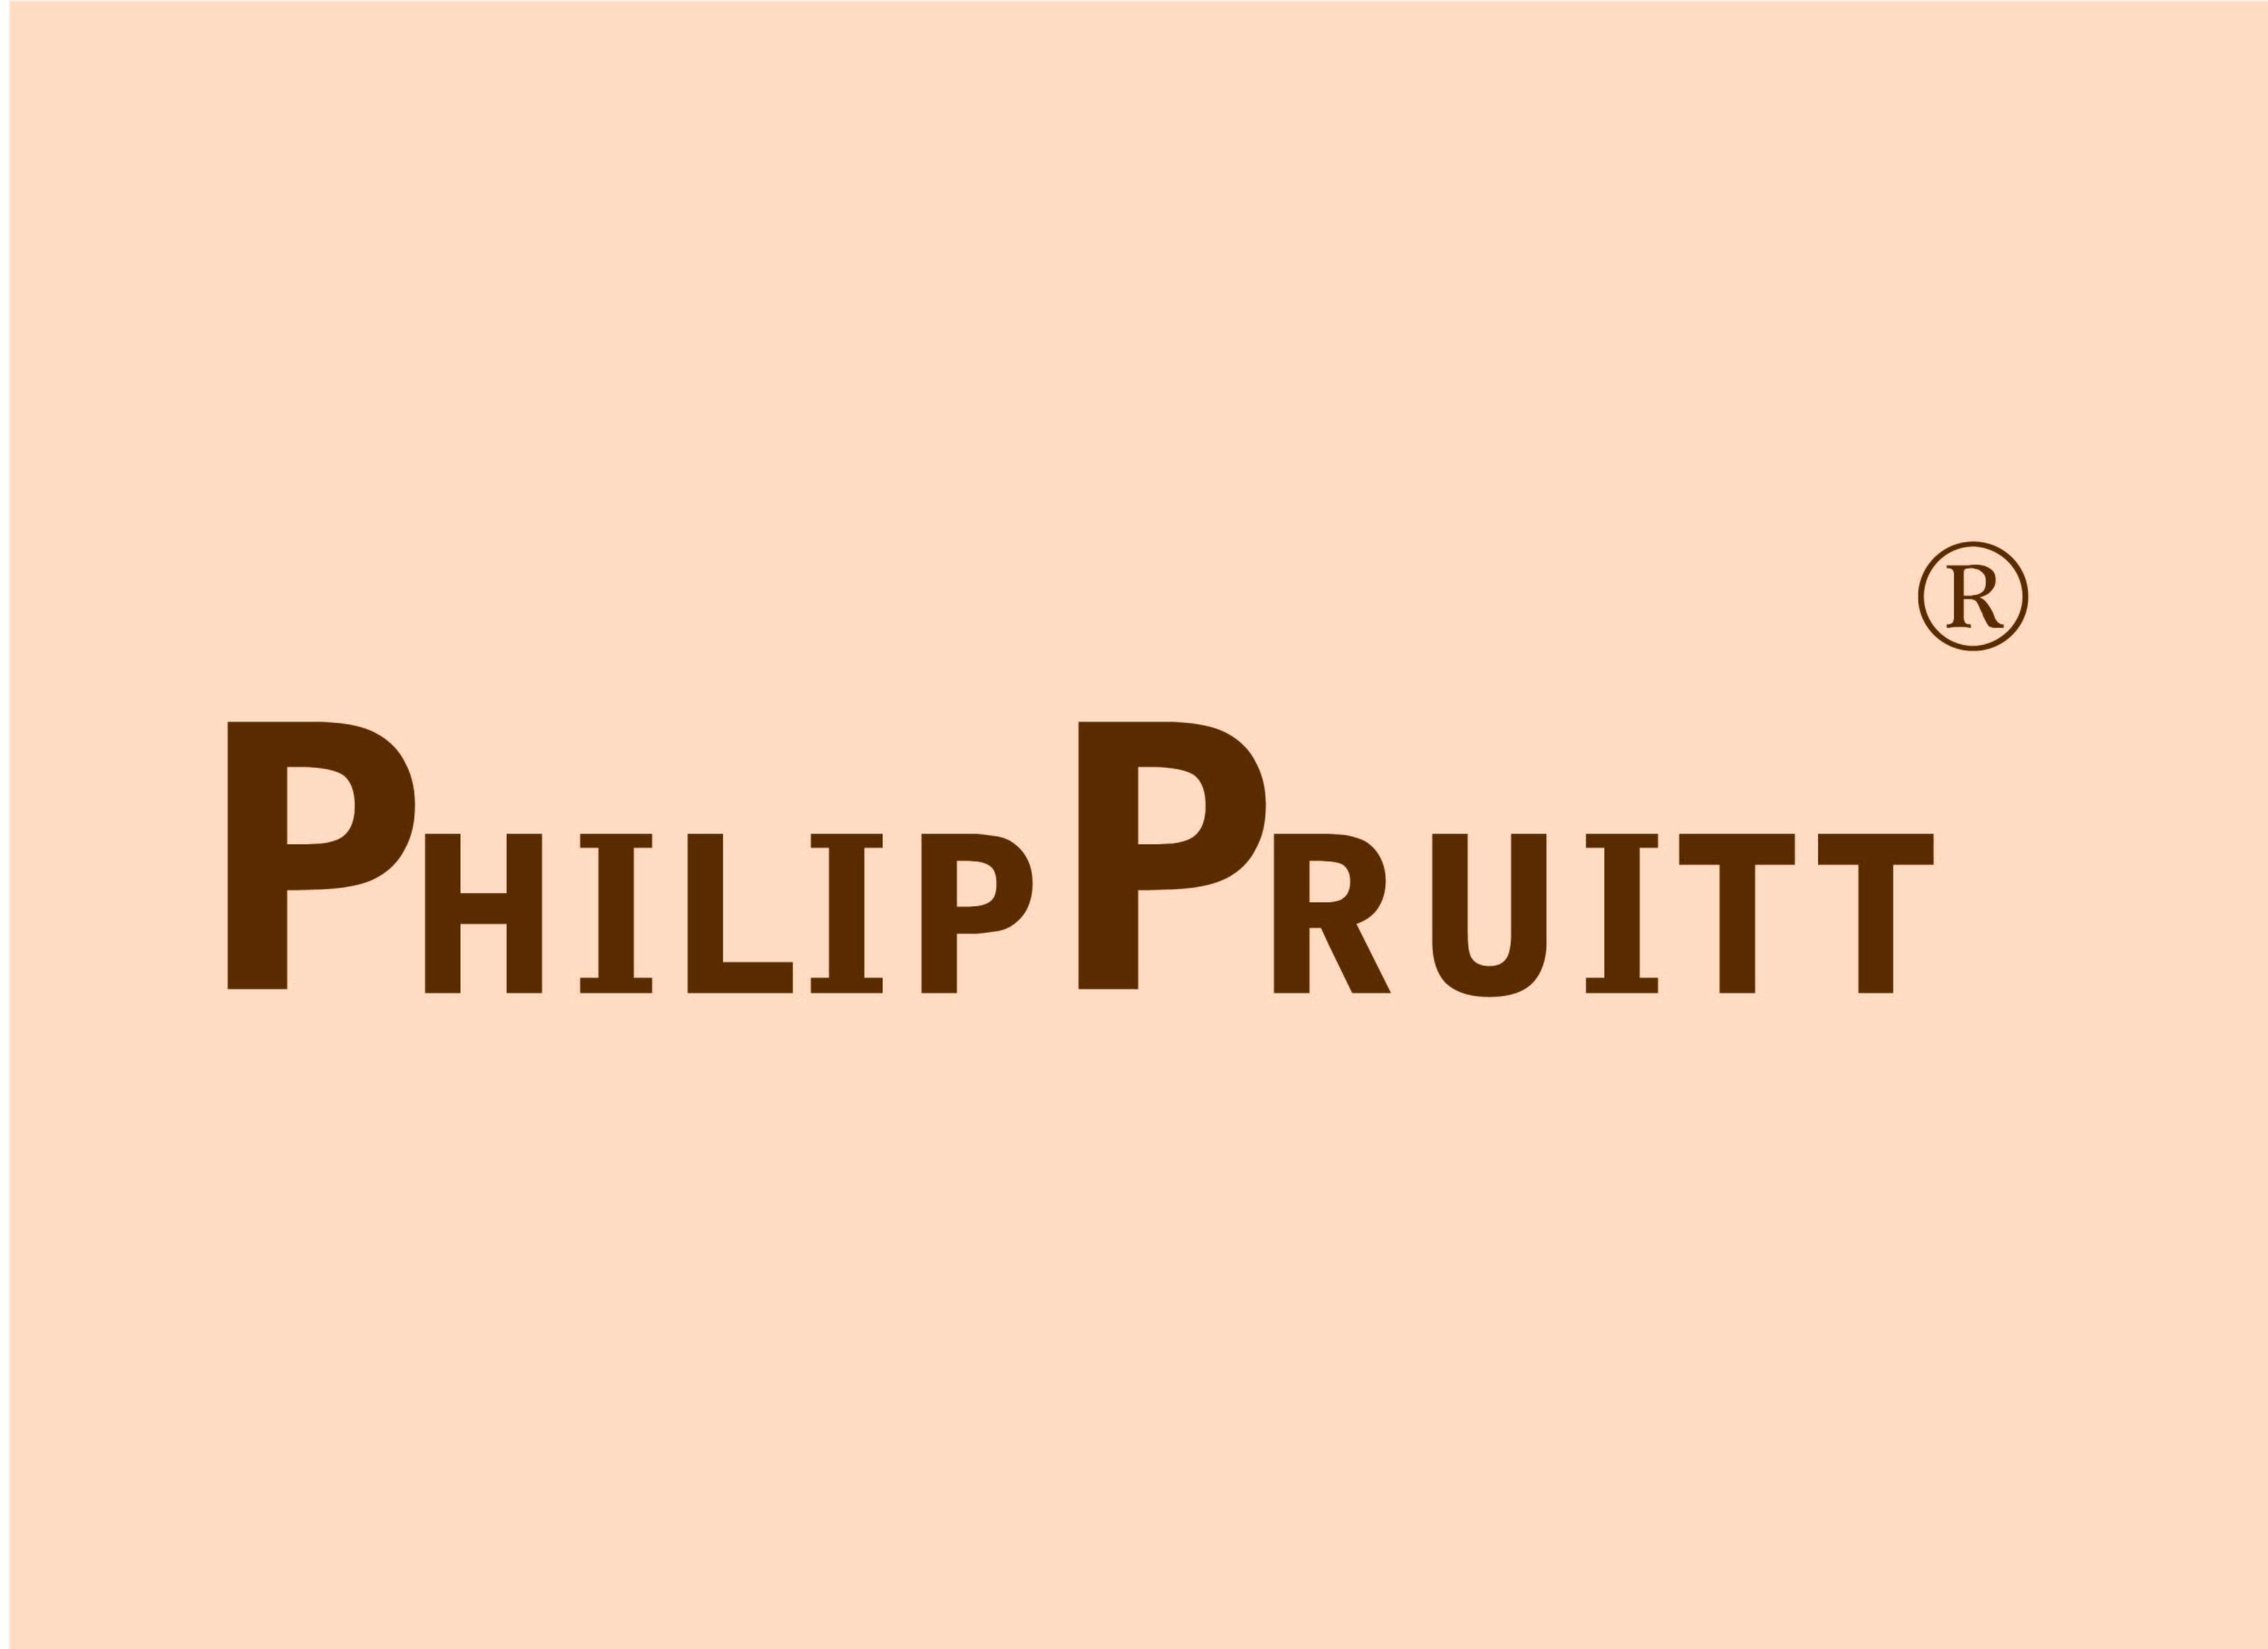 PHILIPPRUITT